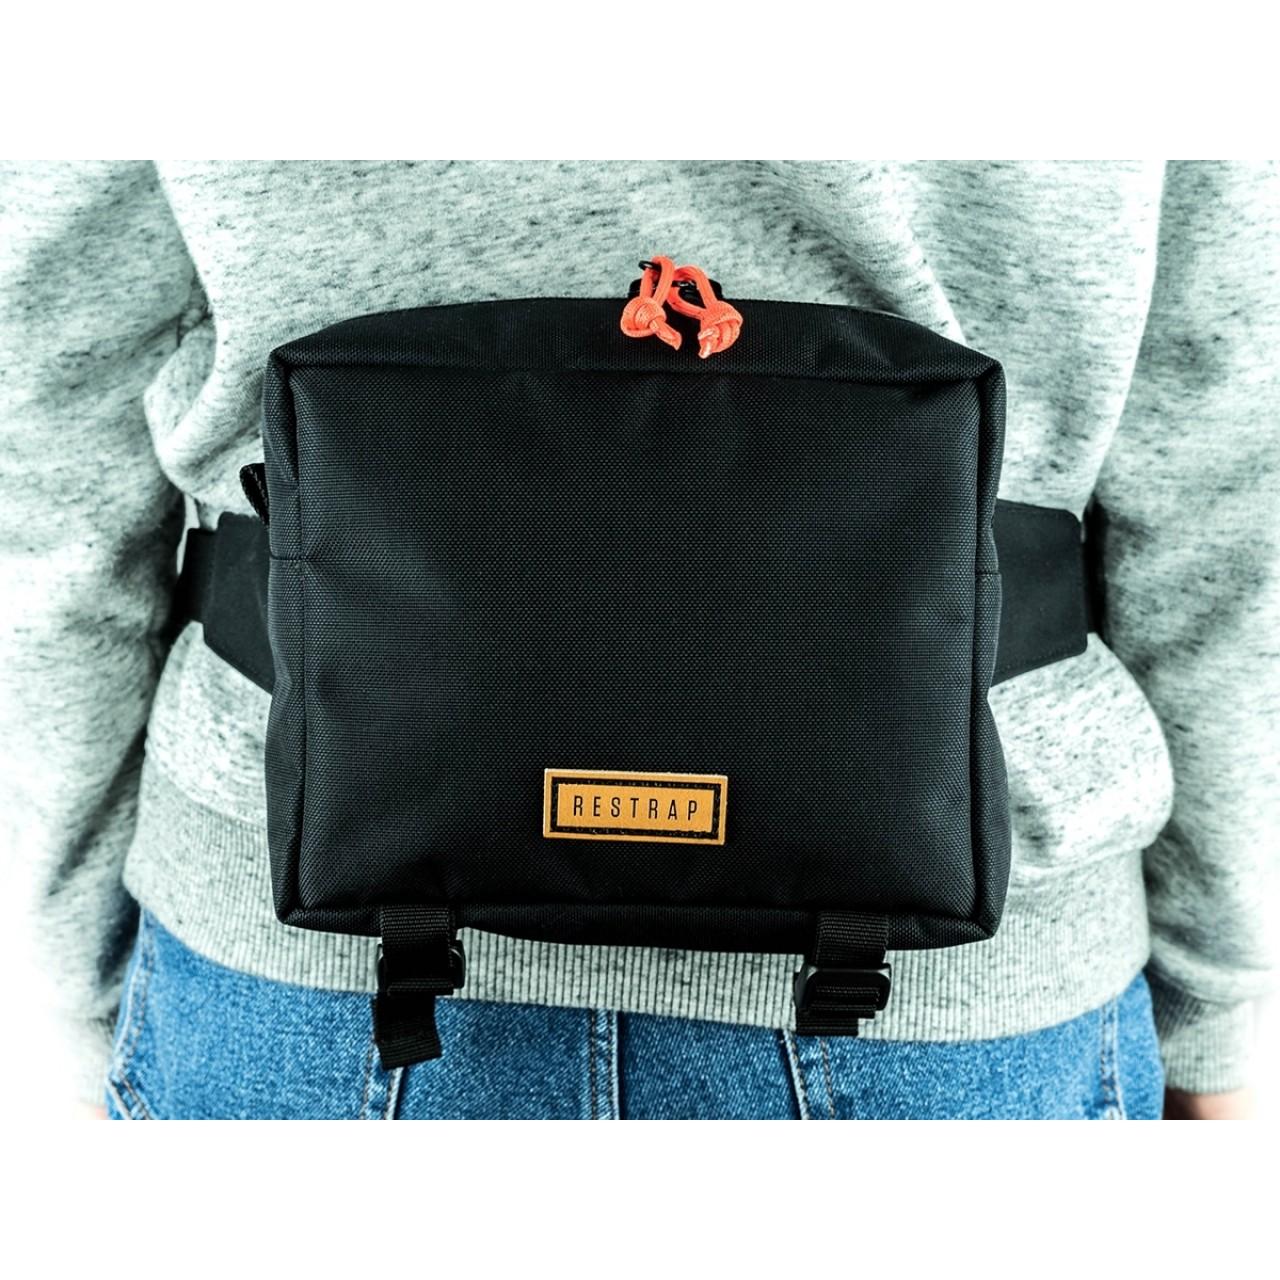 Restrap Hip Bag 49 90